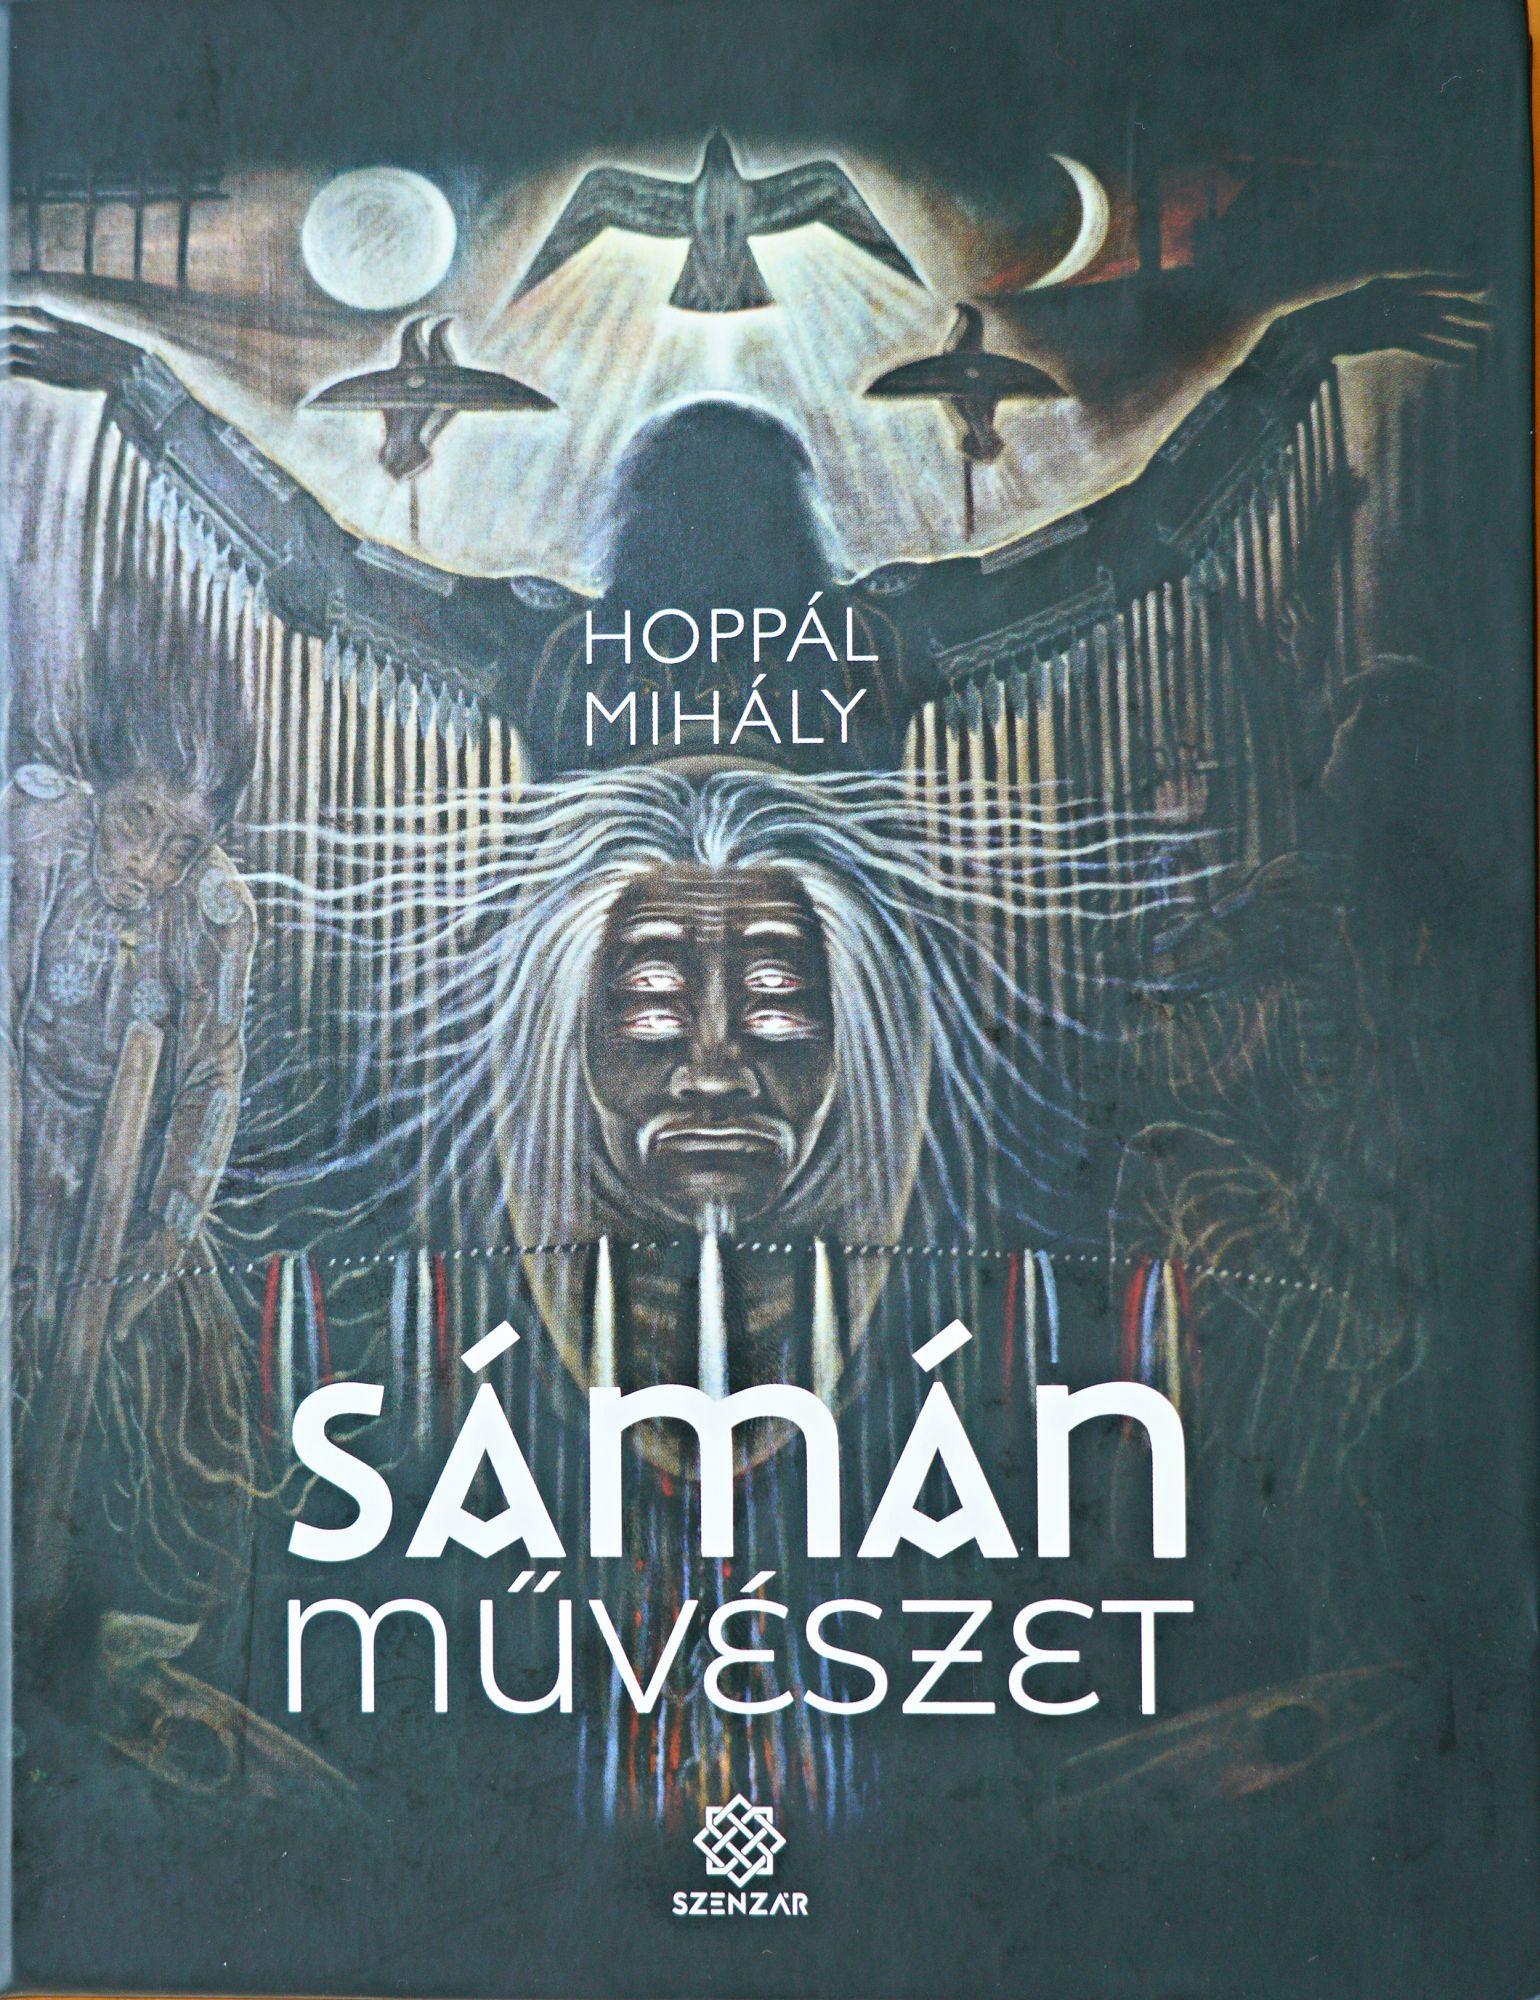 Hoppál Mihály: Sámán művészet